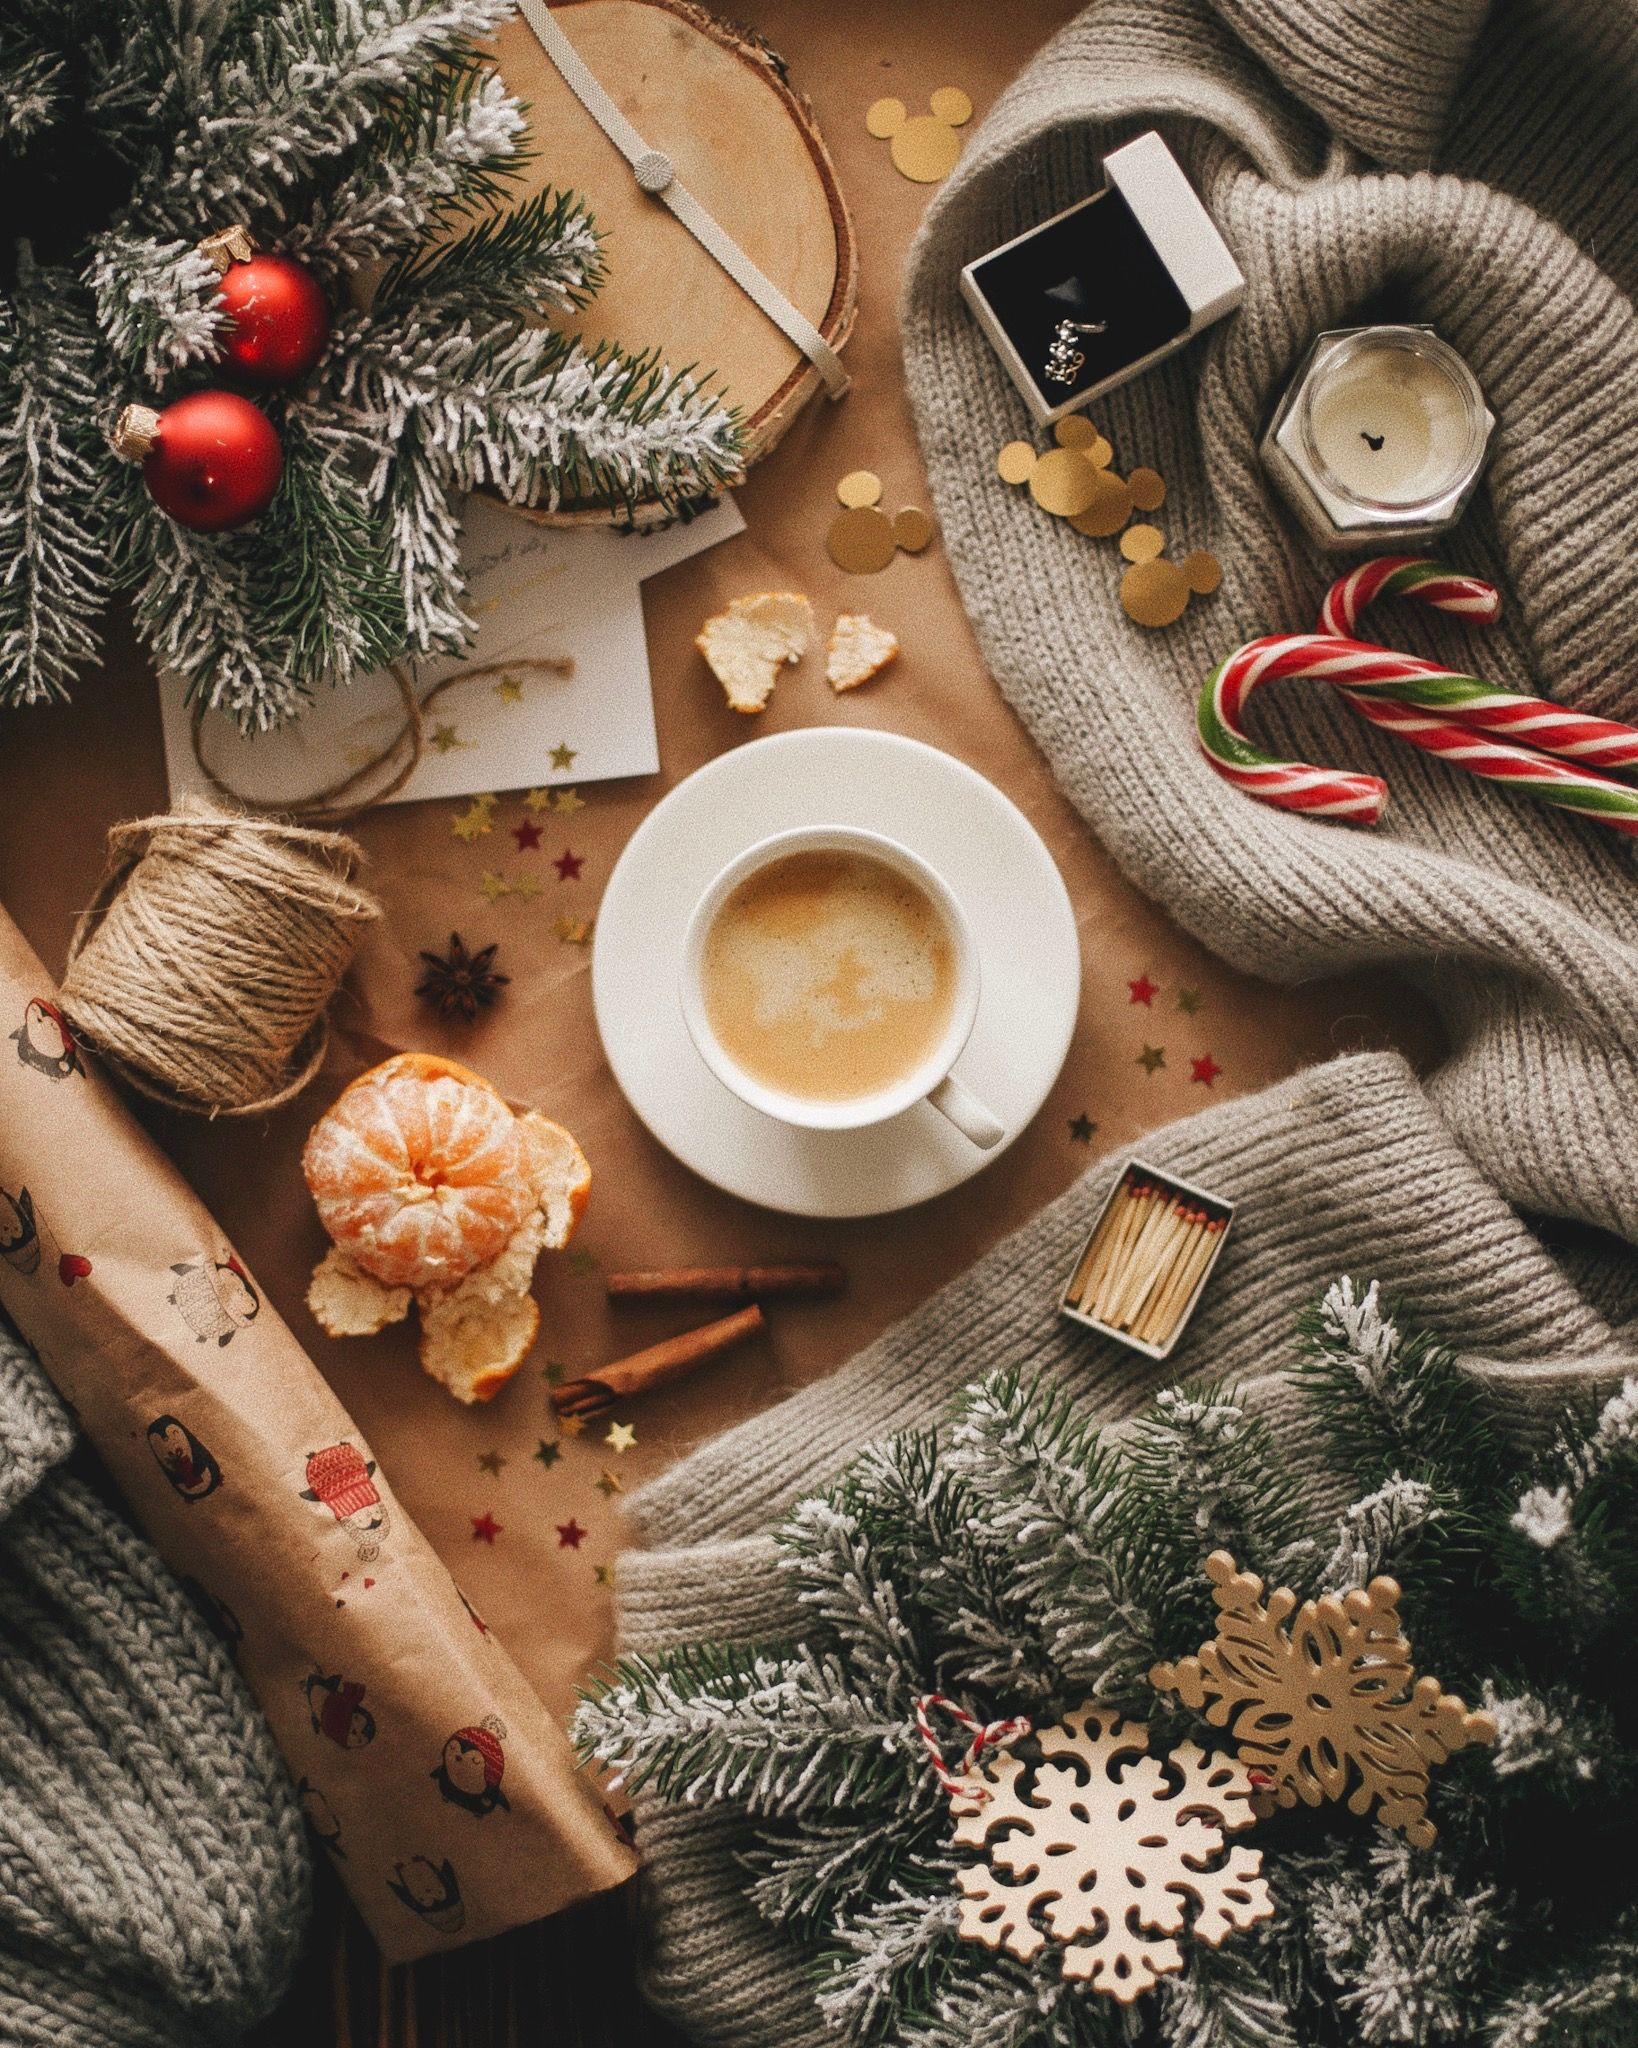 Pin By Jada On Wallpapers Lockscreens Christmas Mood